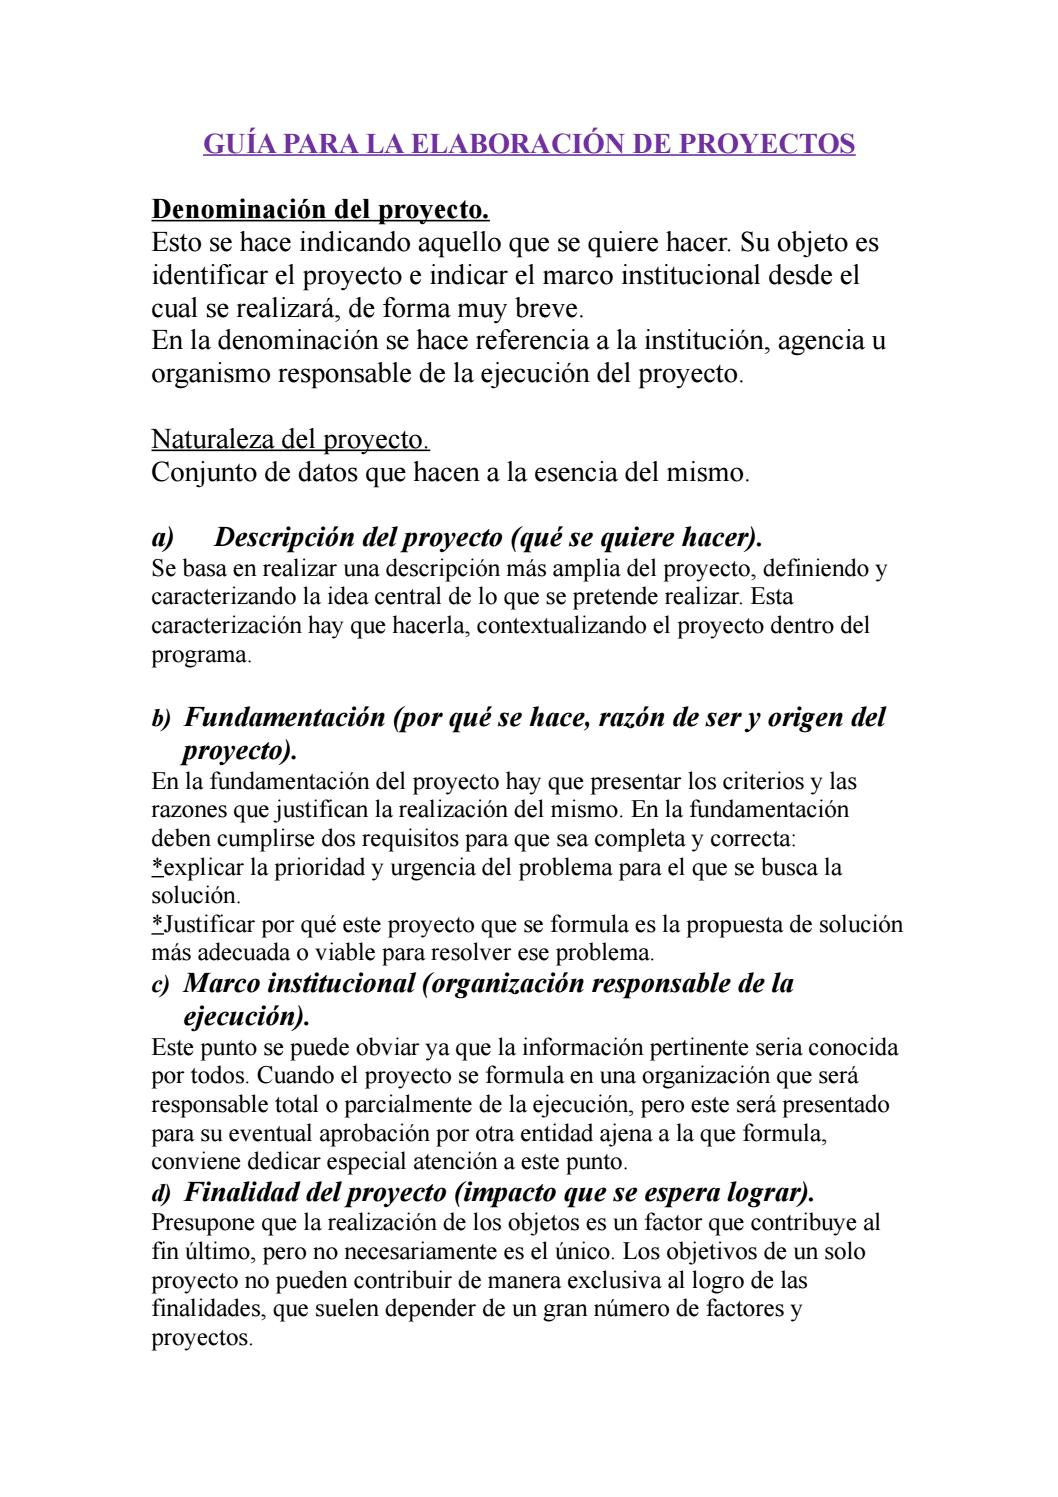 Guia Para La Elaboracion De Proyectos By Cami Fraga Issuu